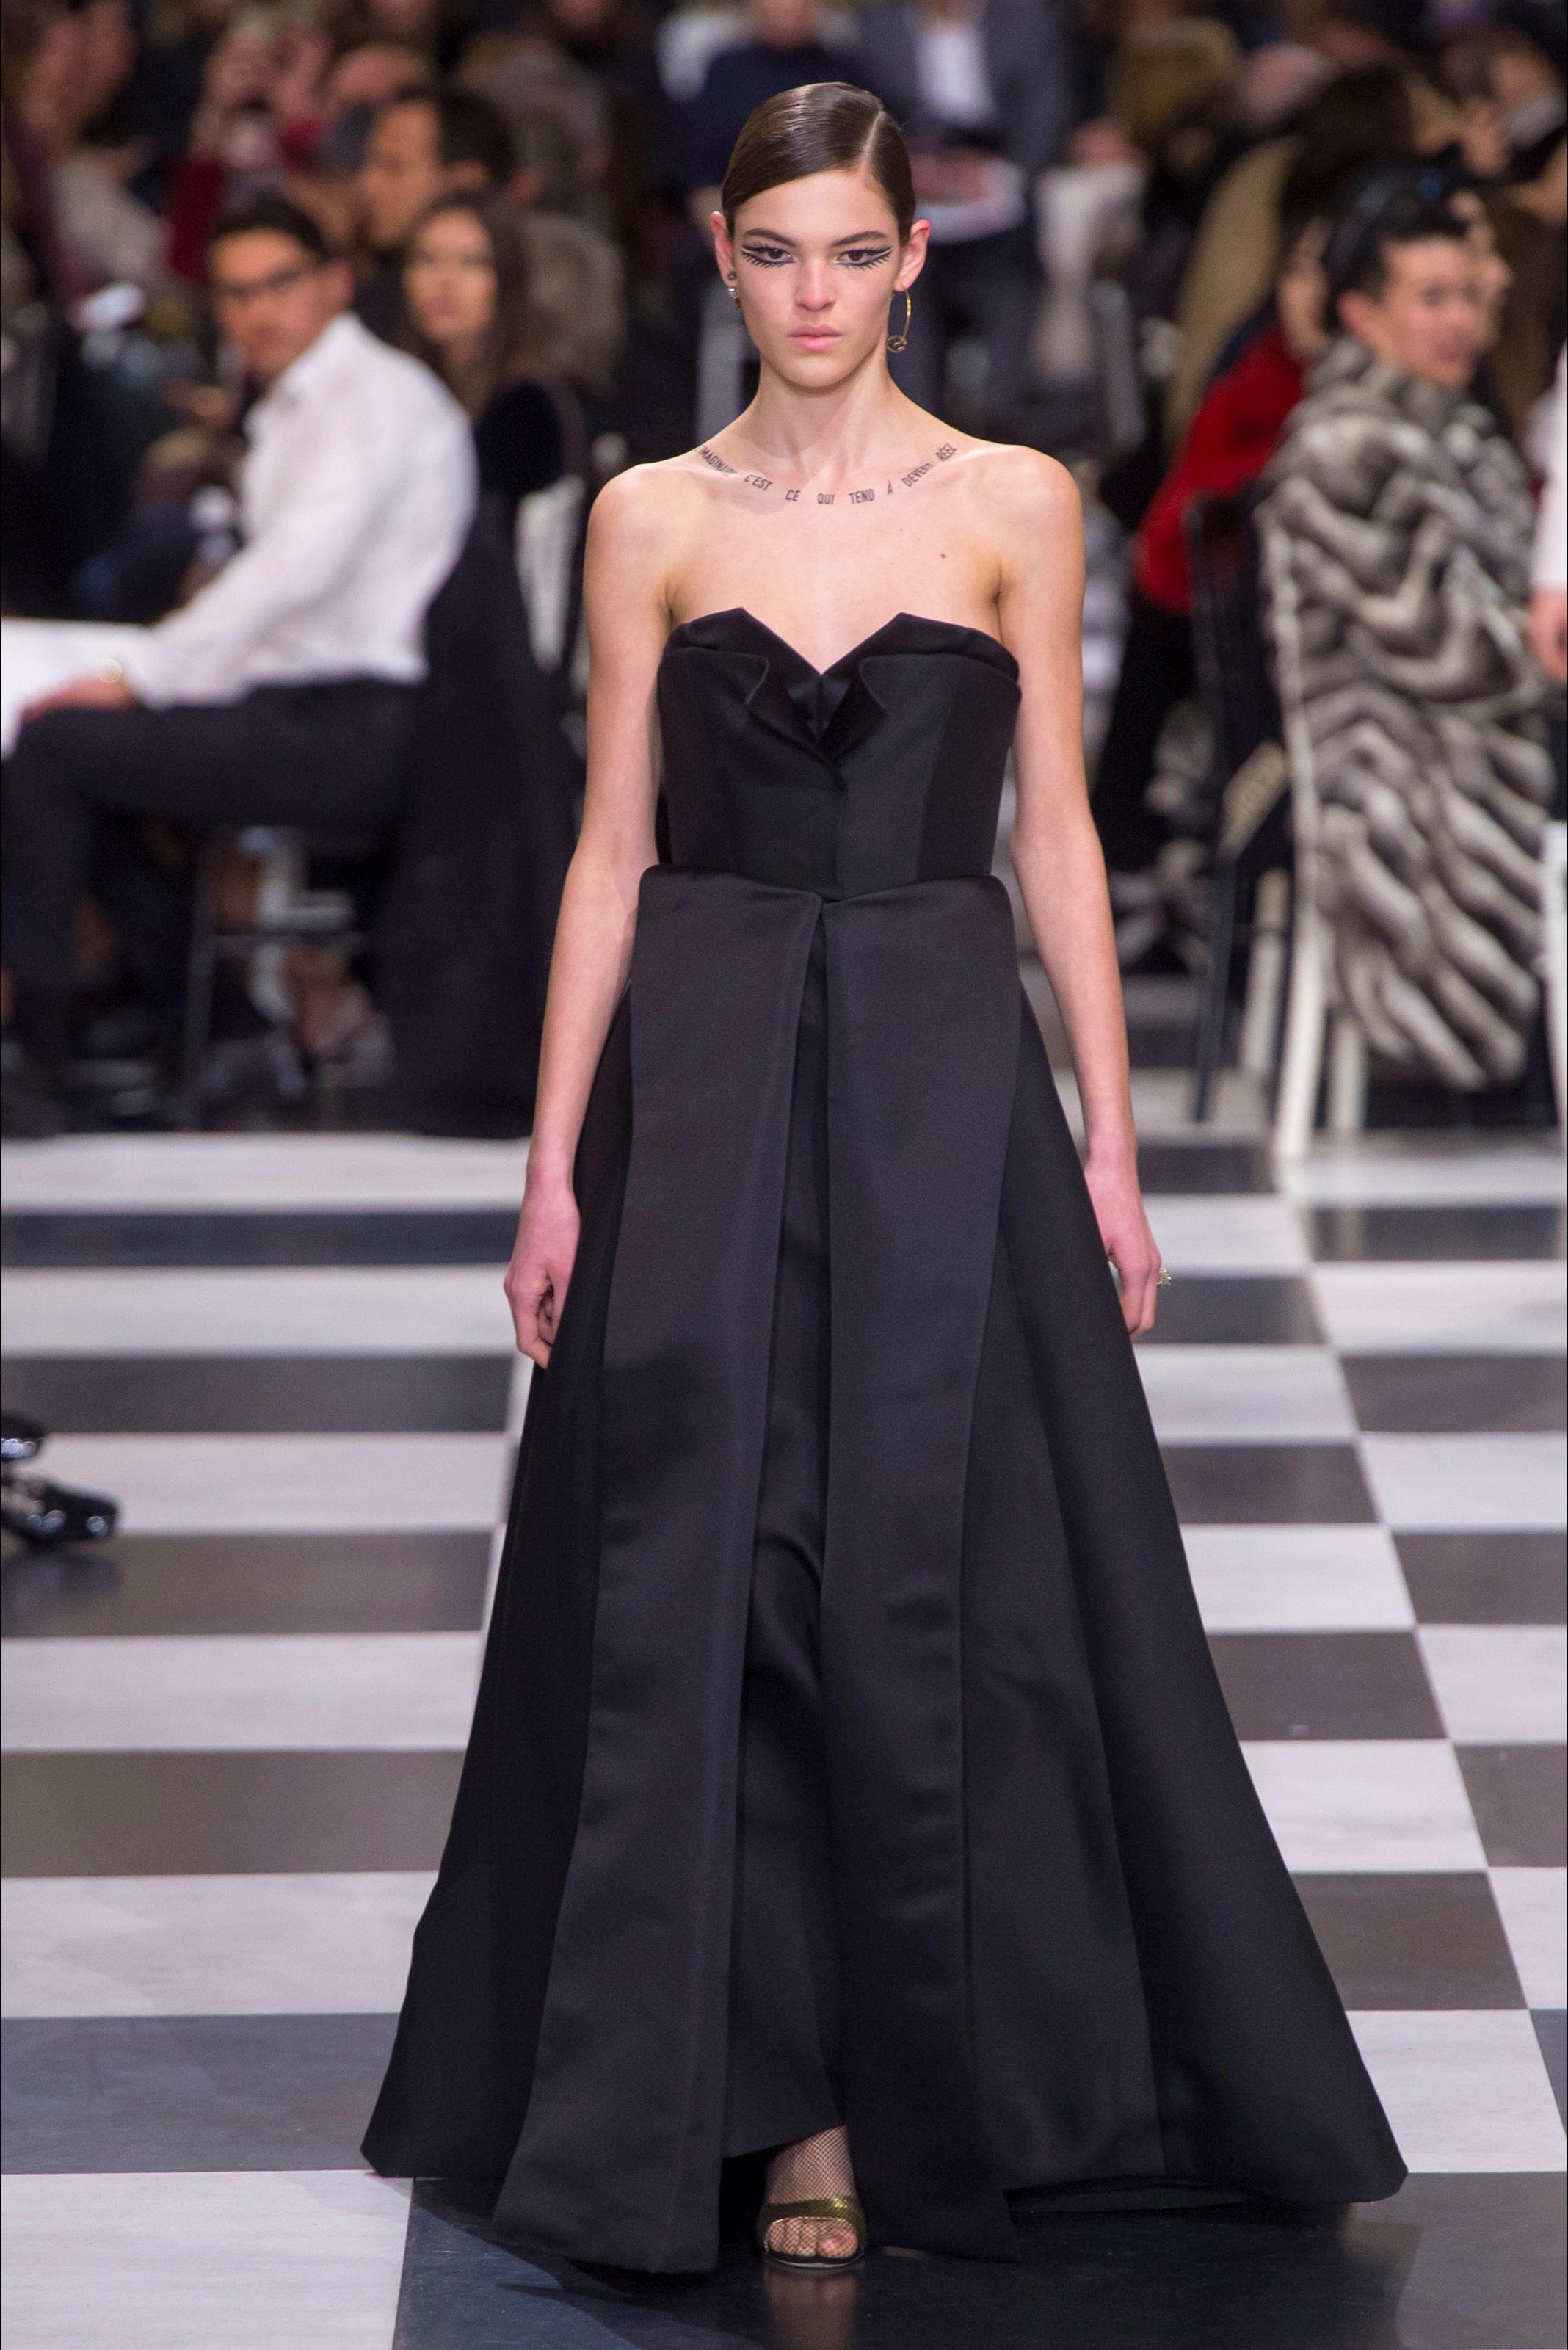 2ca31ba707 Guarda la sfilata di moda Christian Dior a Parigi e scopri la collezione di  abiti e accessori per la stagione Alta Moda Autunno-Inverno 2012-13.